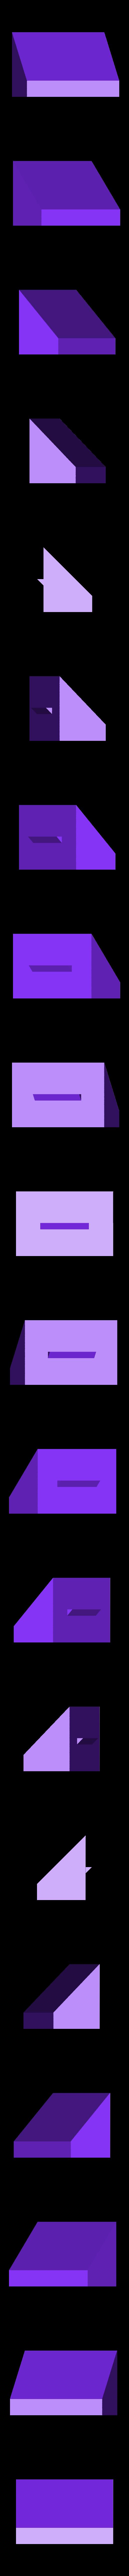 innout_awning.STL Télécharger fichier STL gratuit Modèle à l'échelle In-N-Out • Modèle imprimable en 3D, brentwerder